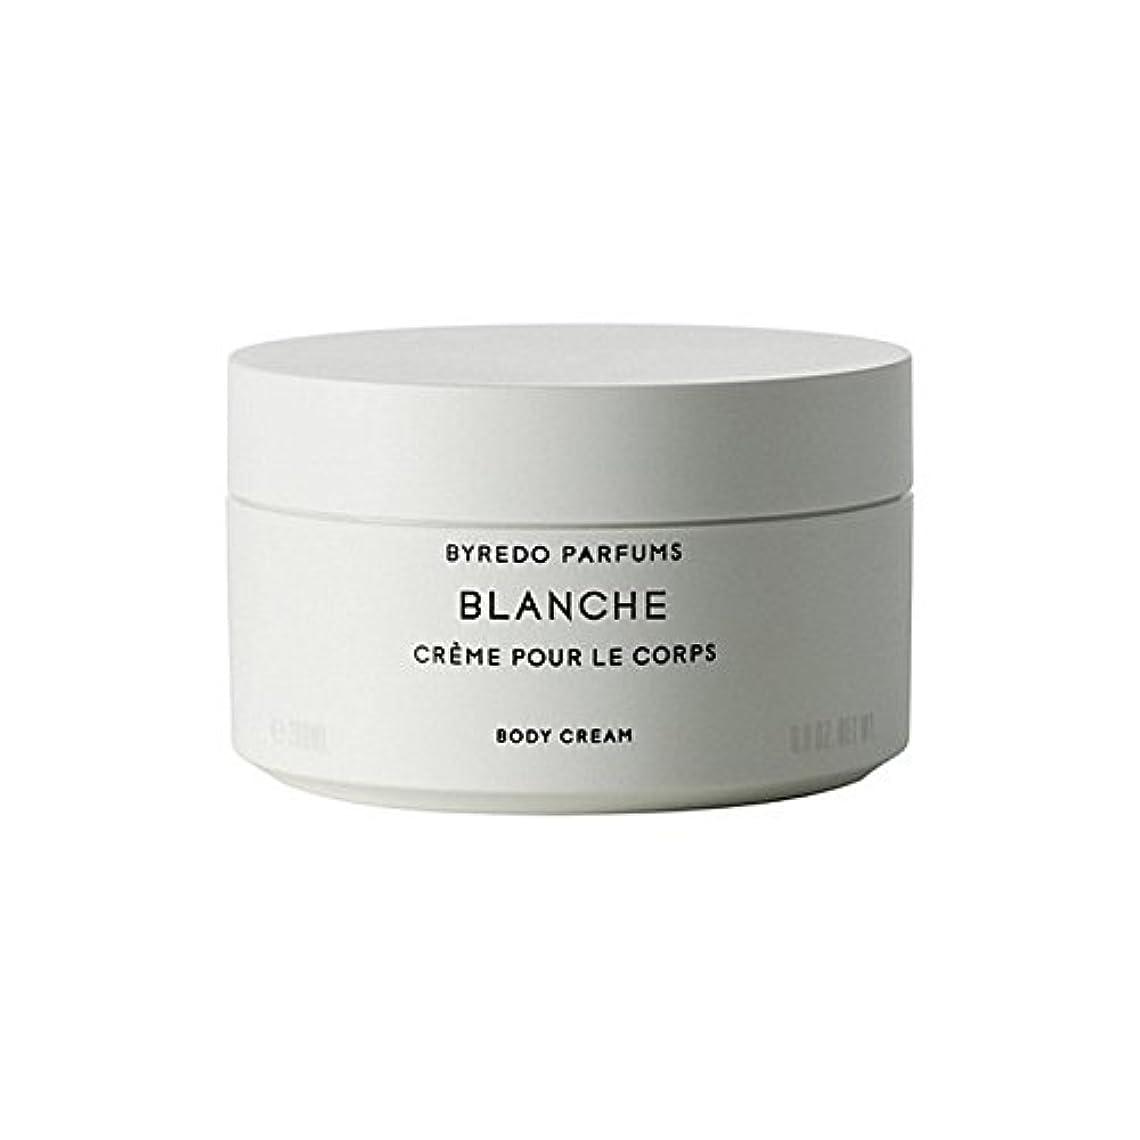 追記つかいます葉を集めるブランシュボディクリーム200ミリリットル x4 - Byredo Blanche Body Cream 200ml (Pack of 4) [並行輸入品]